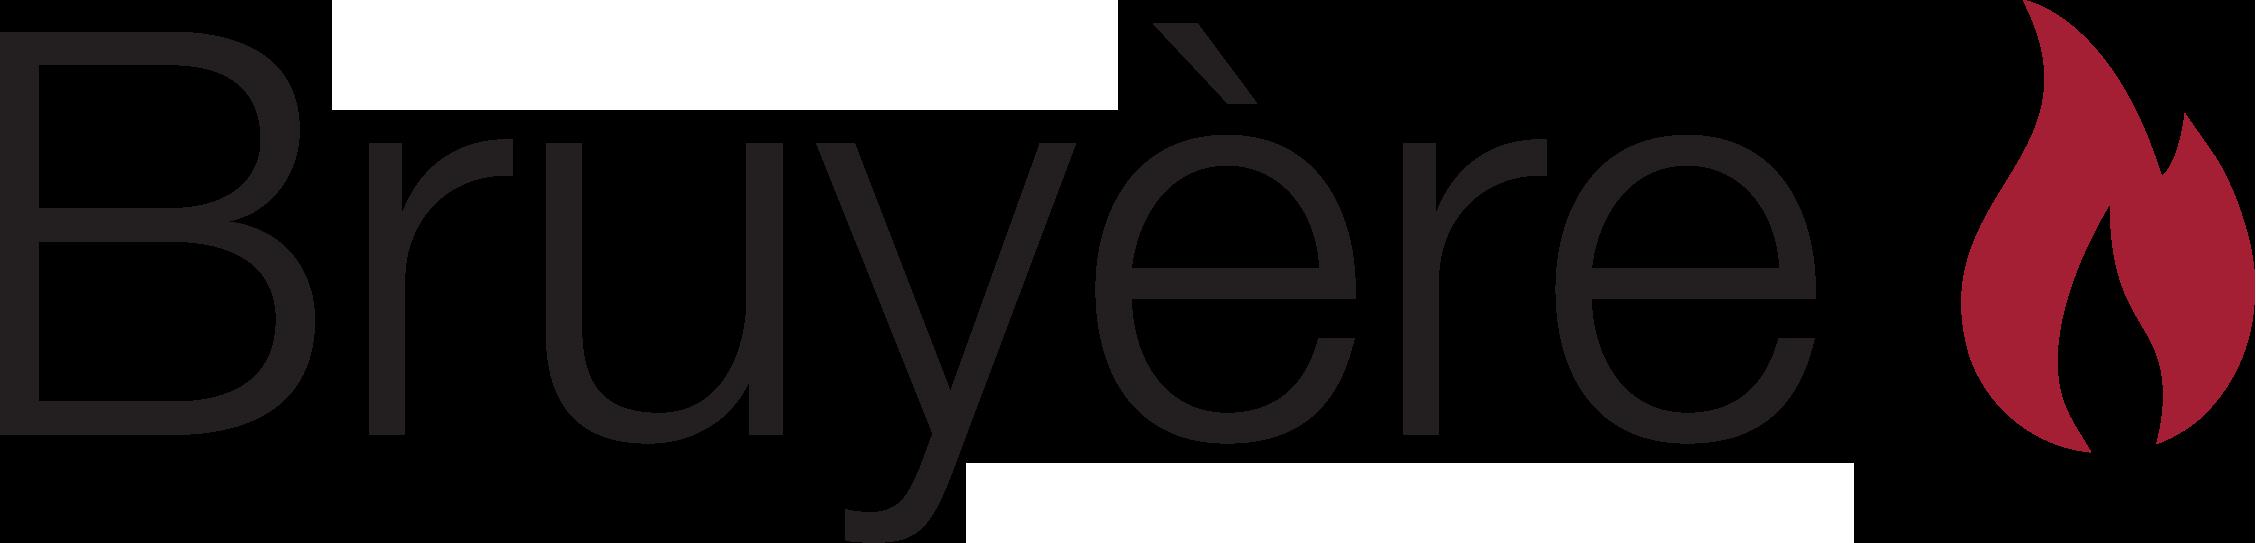 bruyere_logo